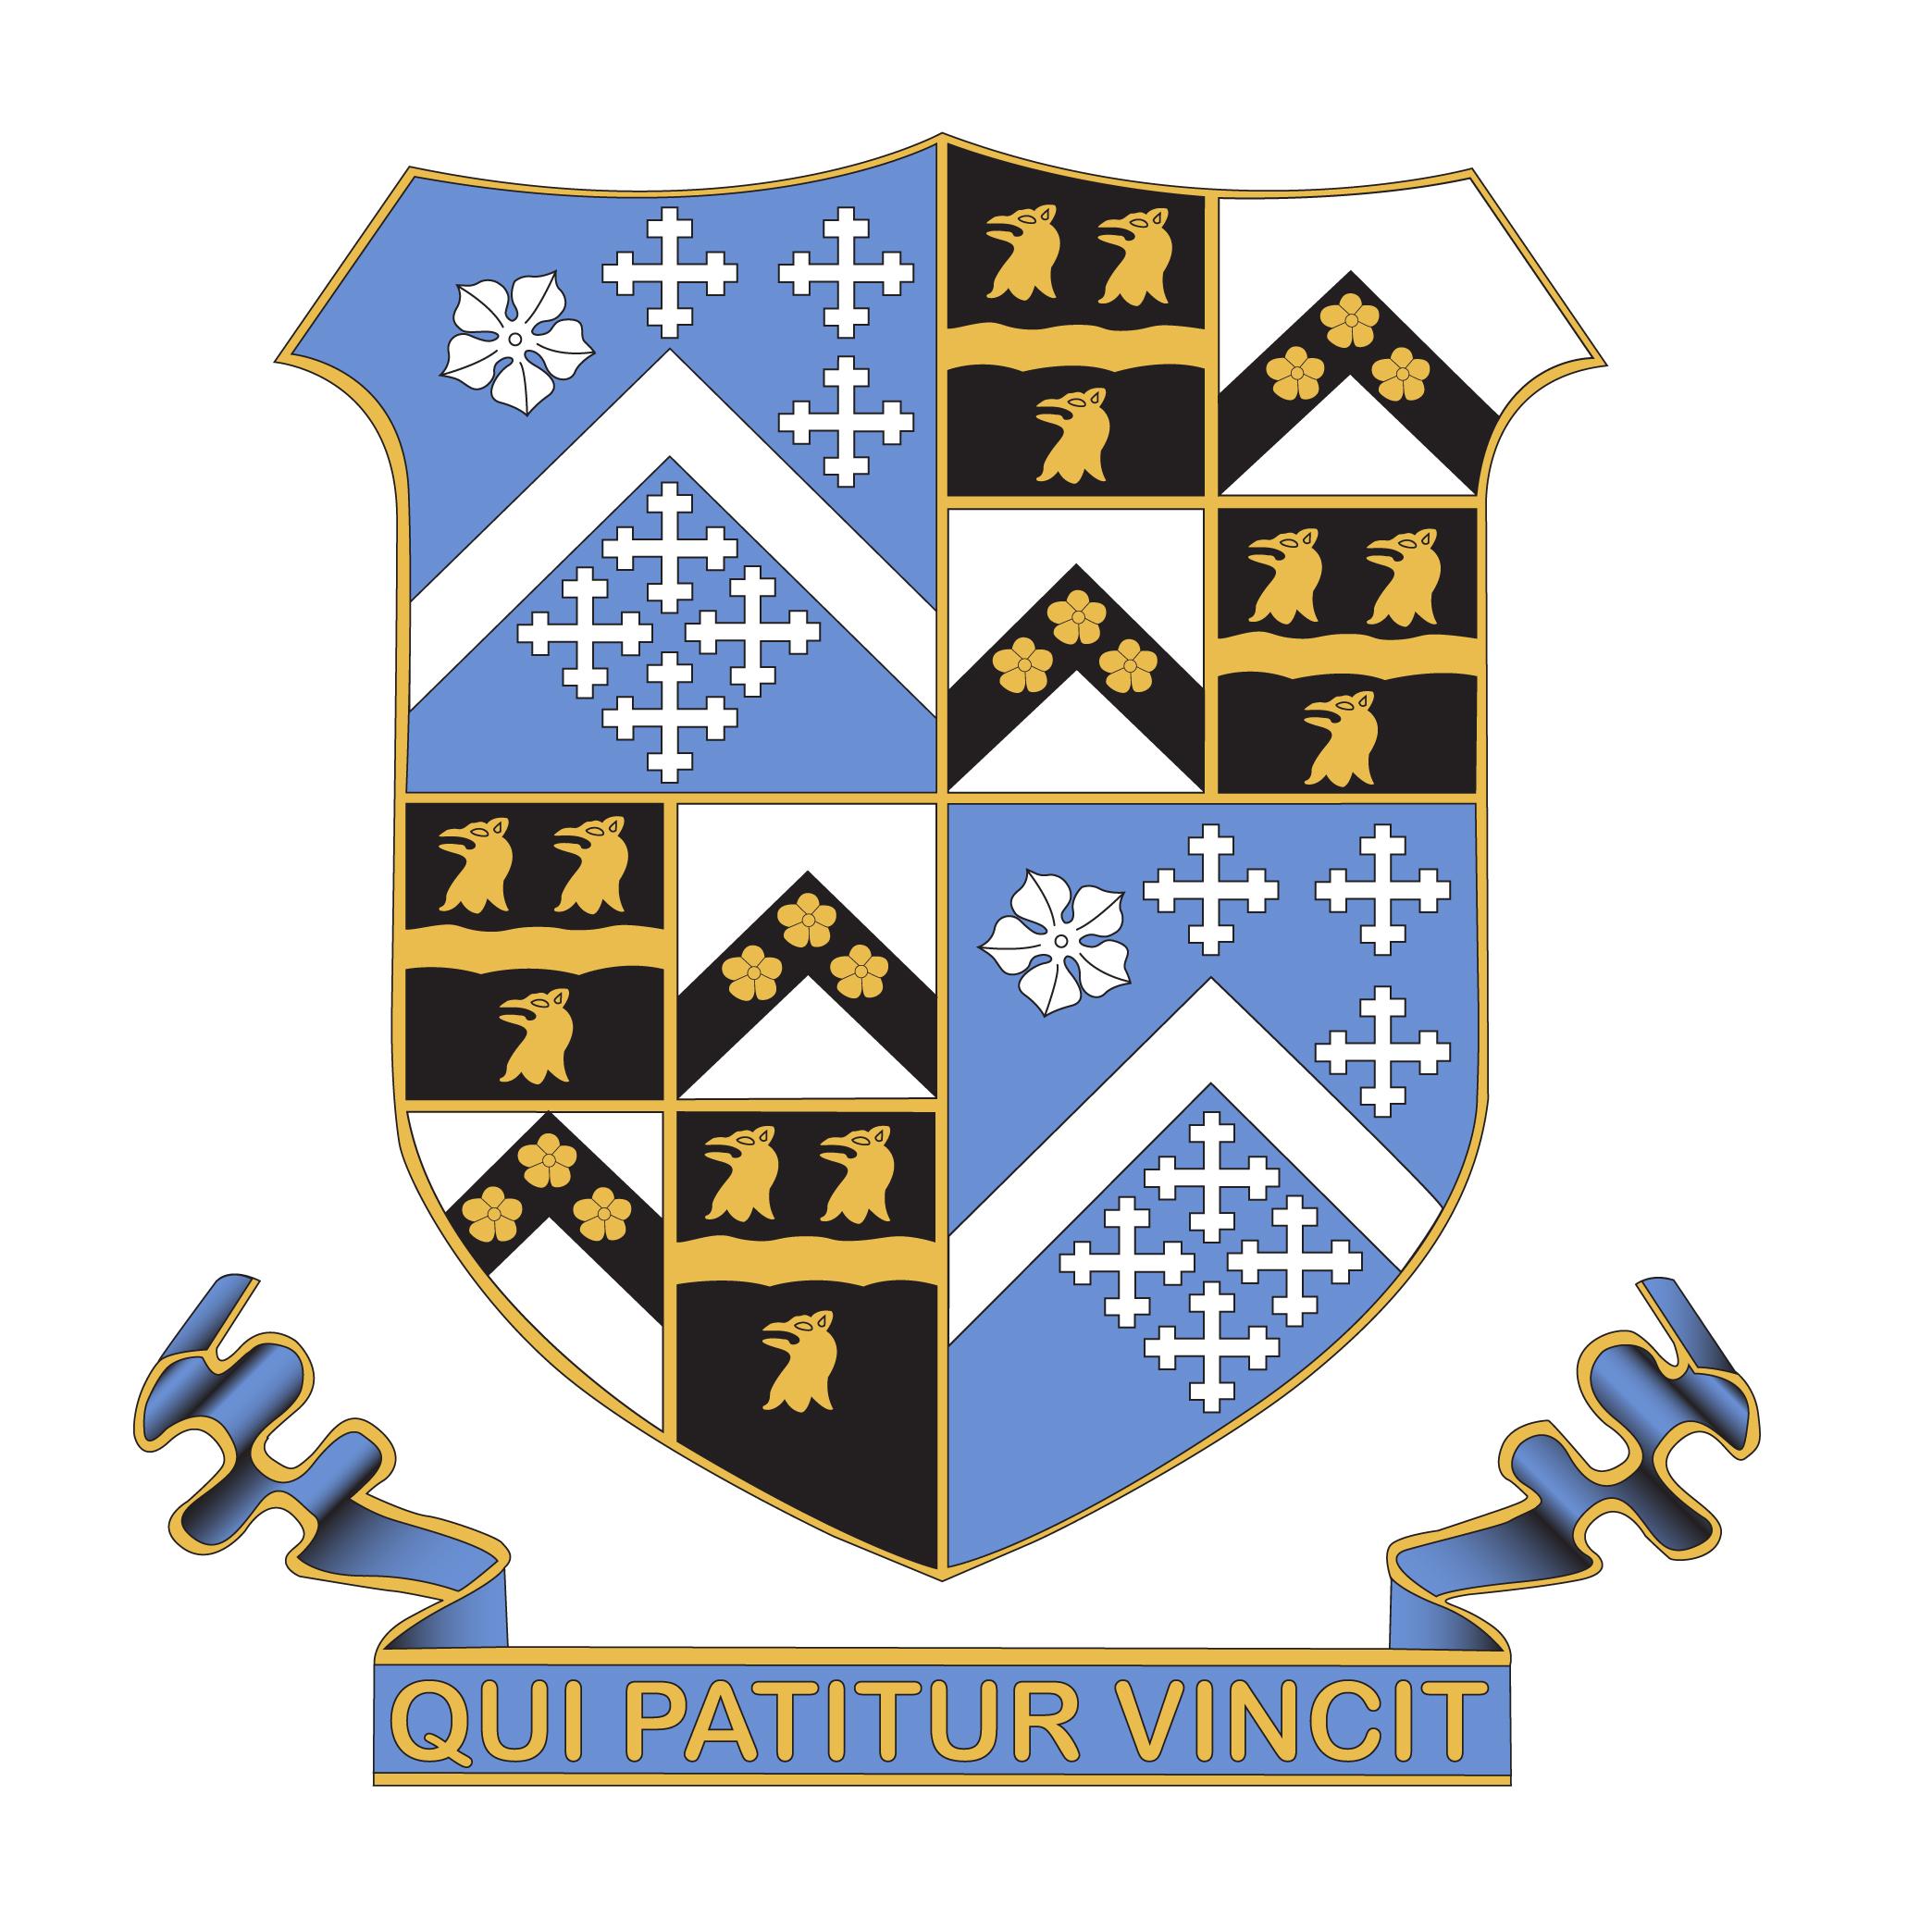 Latymer School